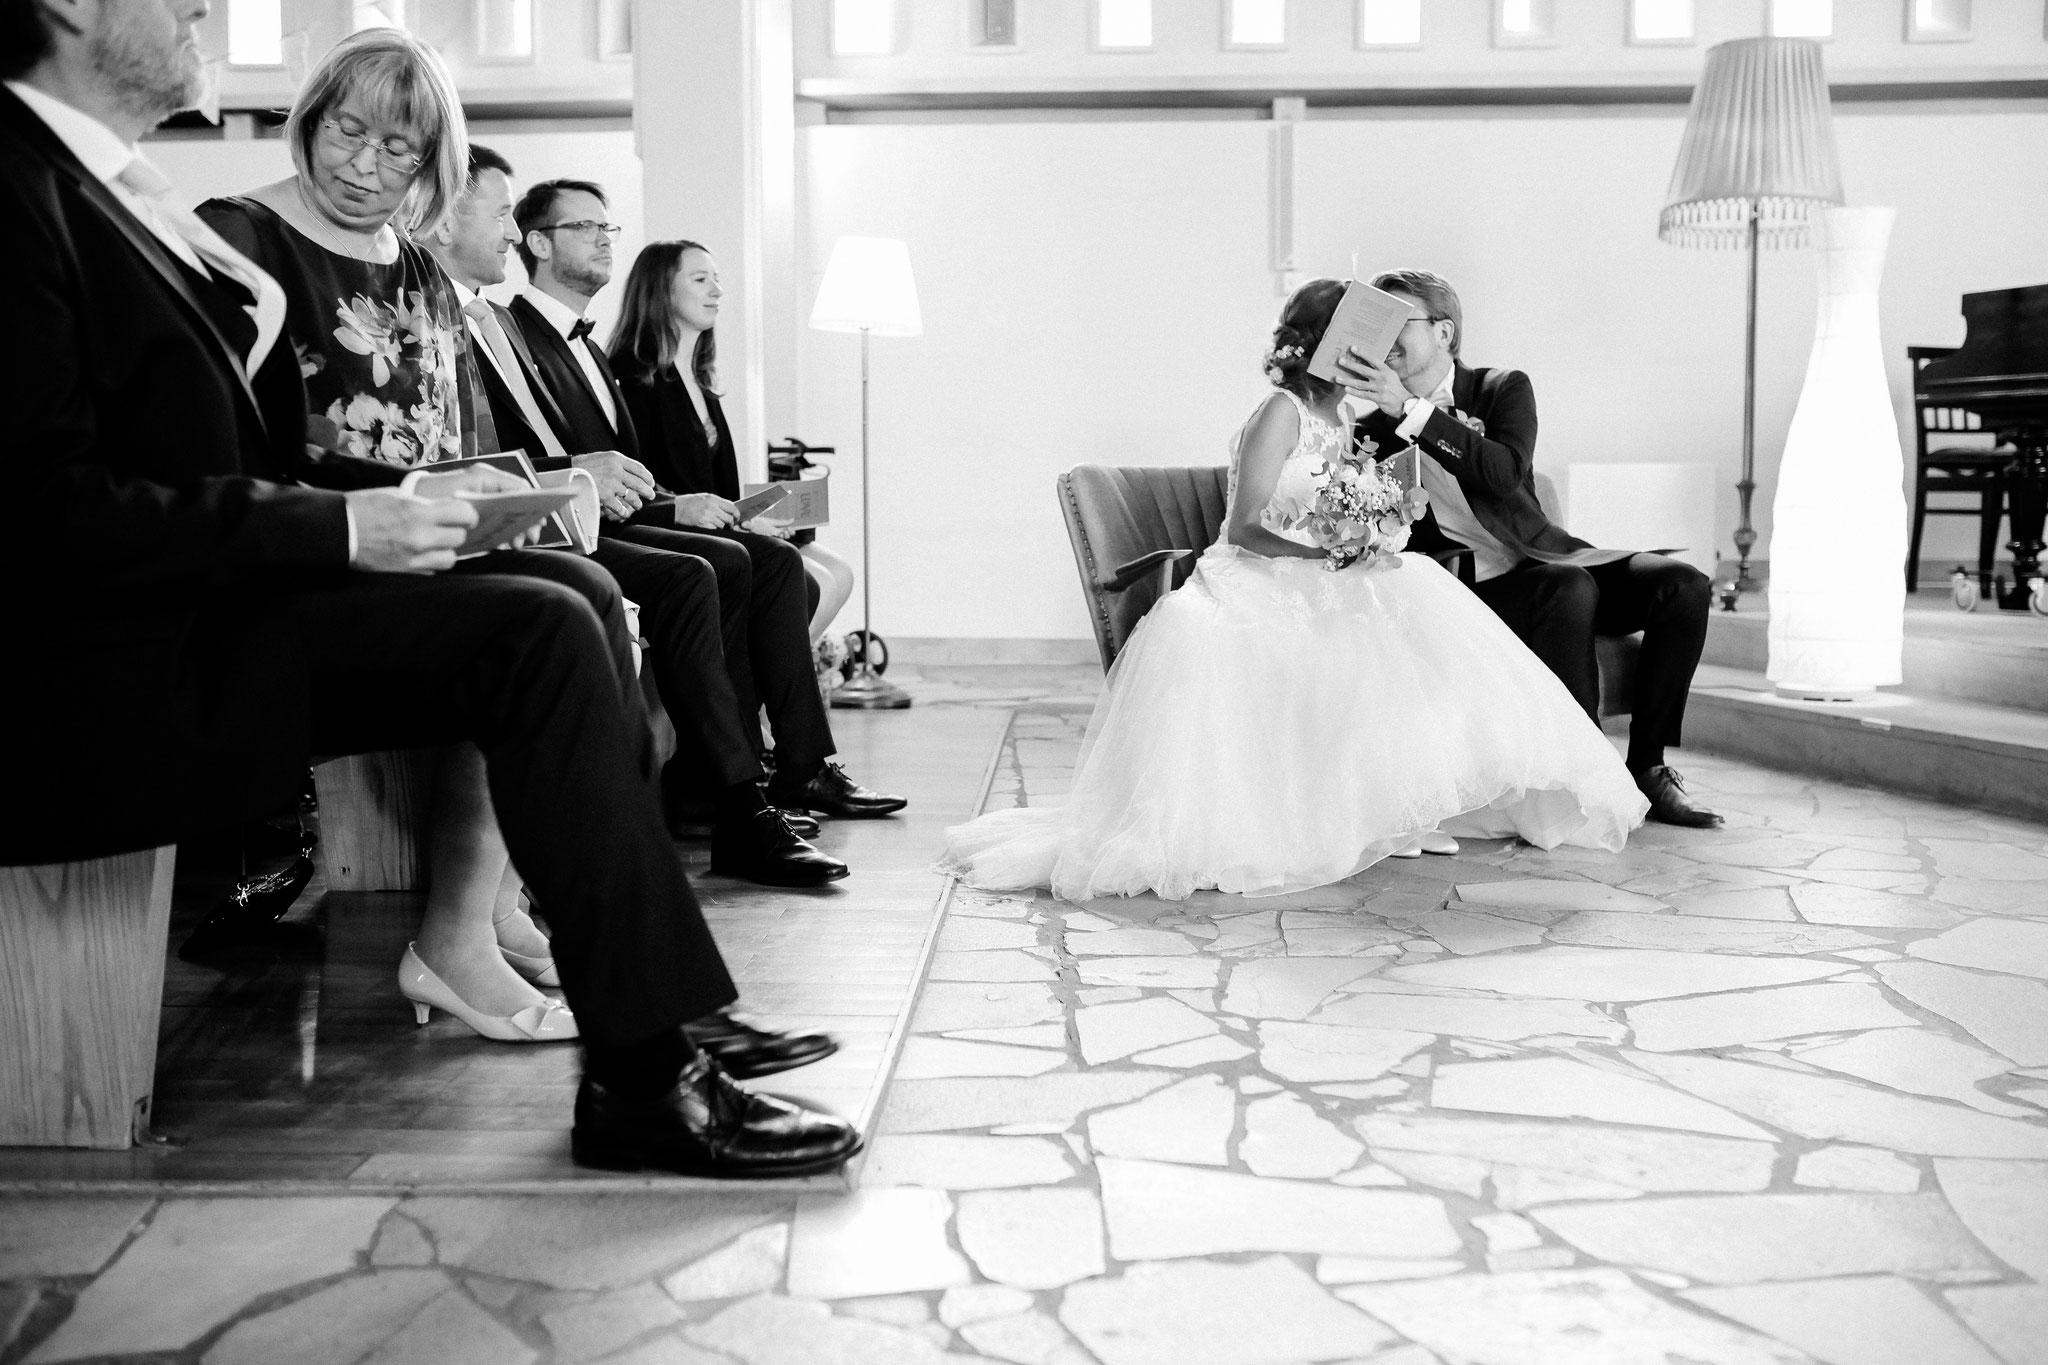 kirchliche Trauung | Hochzeitsfotograf Rebecca Adloff | Ruhrgebiet, Essen, Münster, NRW, Düsseldorf, Köln, Bochum | Hochzeitsreportage | Hochzeitsfotos